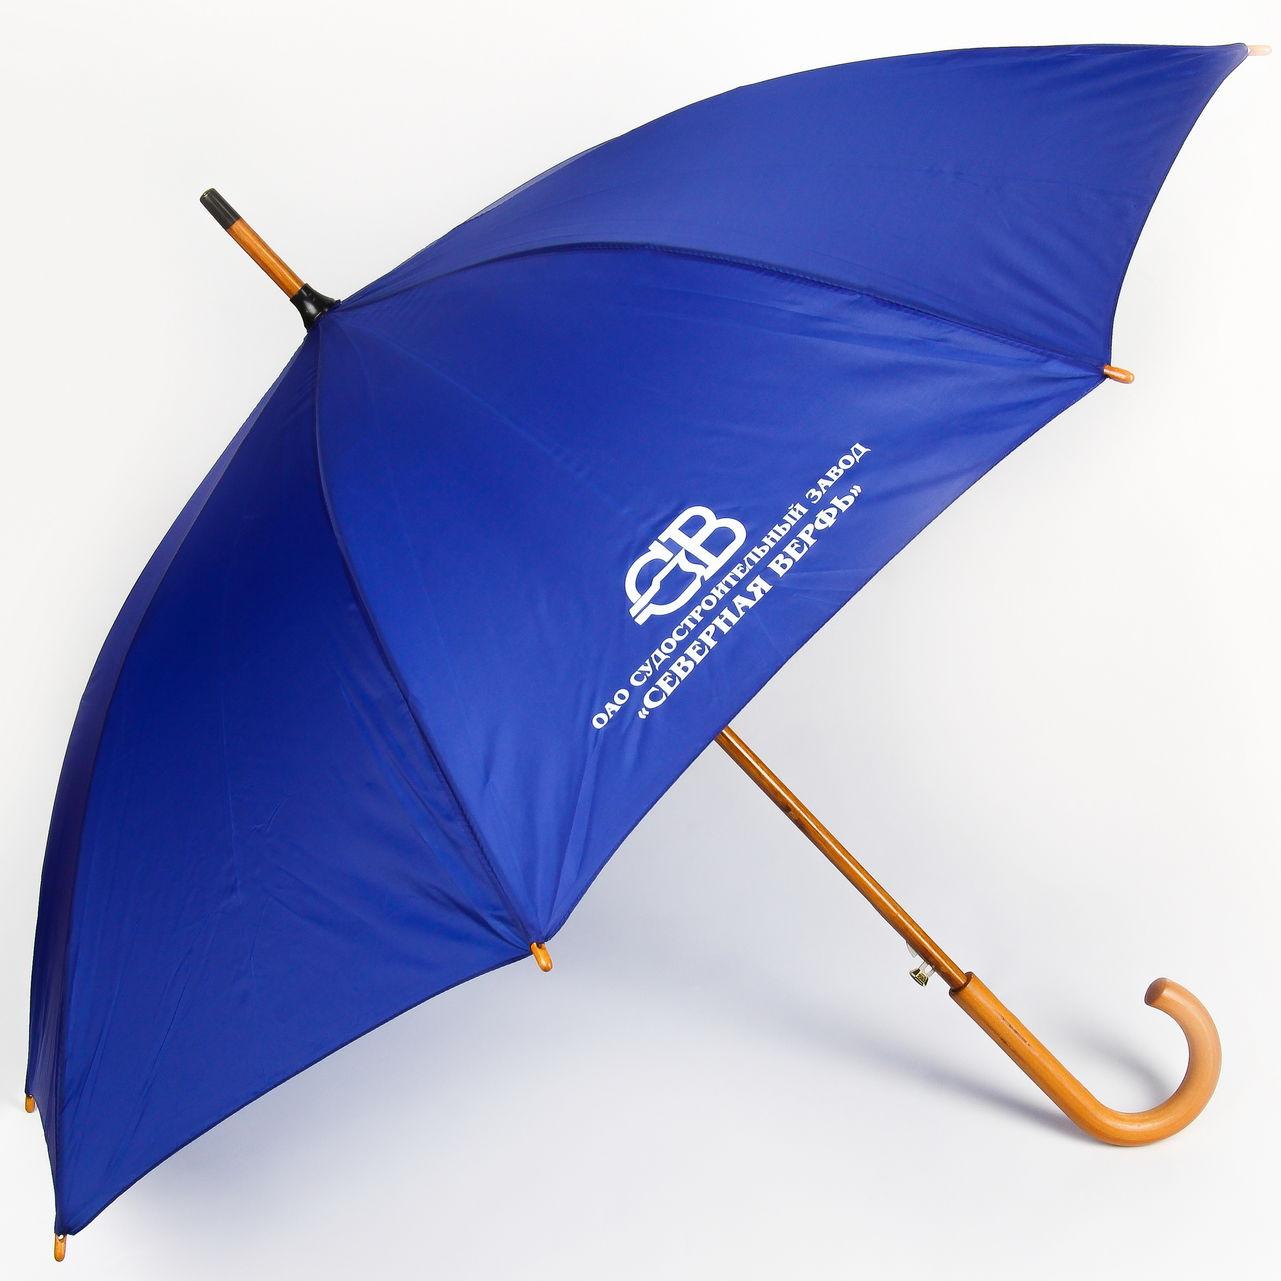 Выбираем долговечный зонт под нанесение логотипа: какие детали стоит изучить